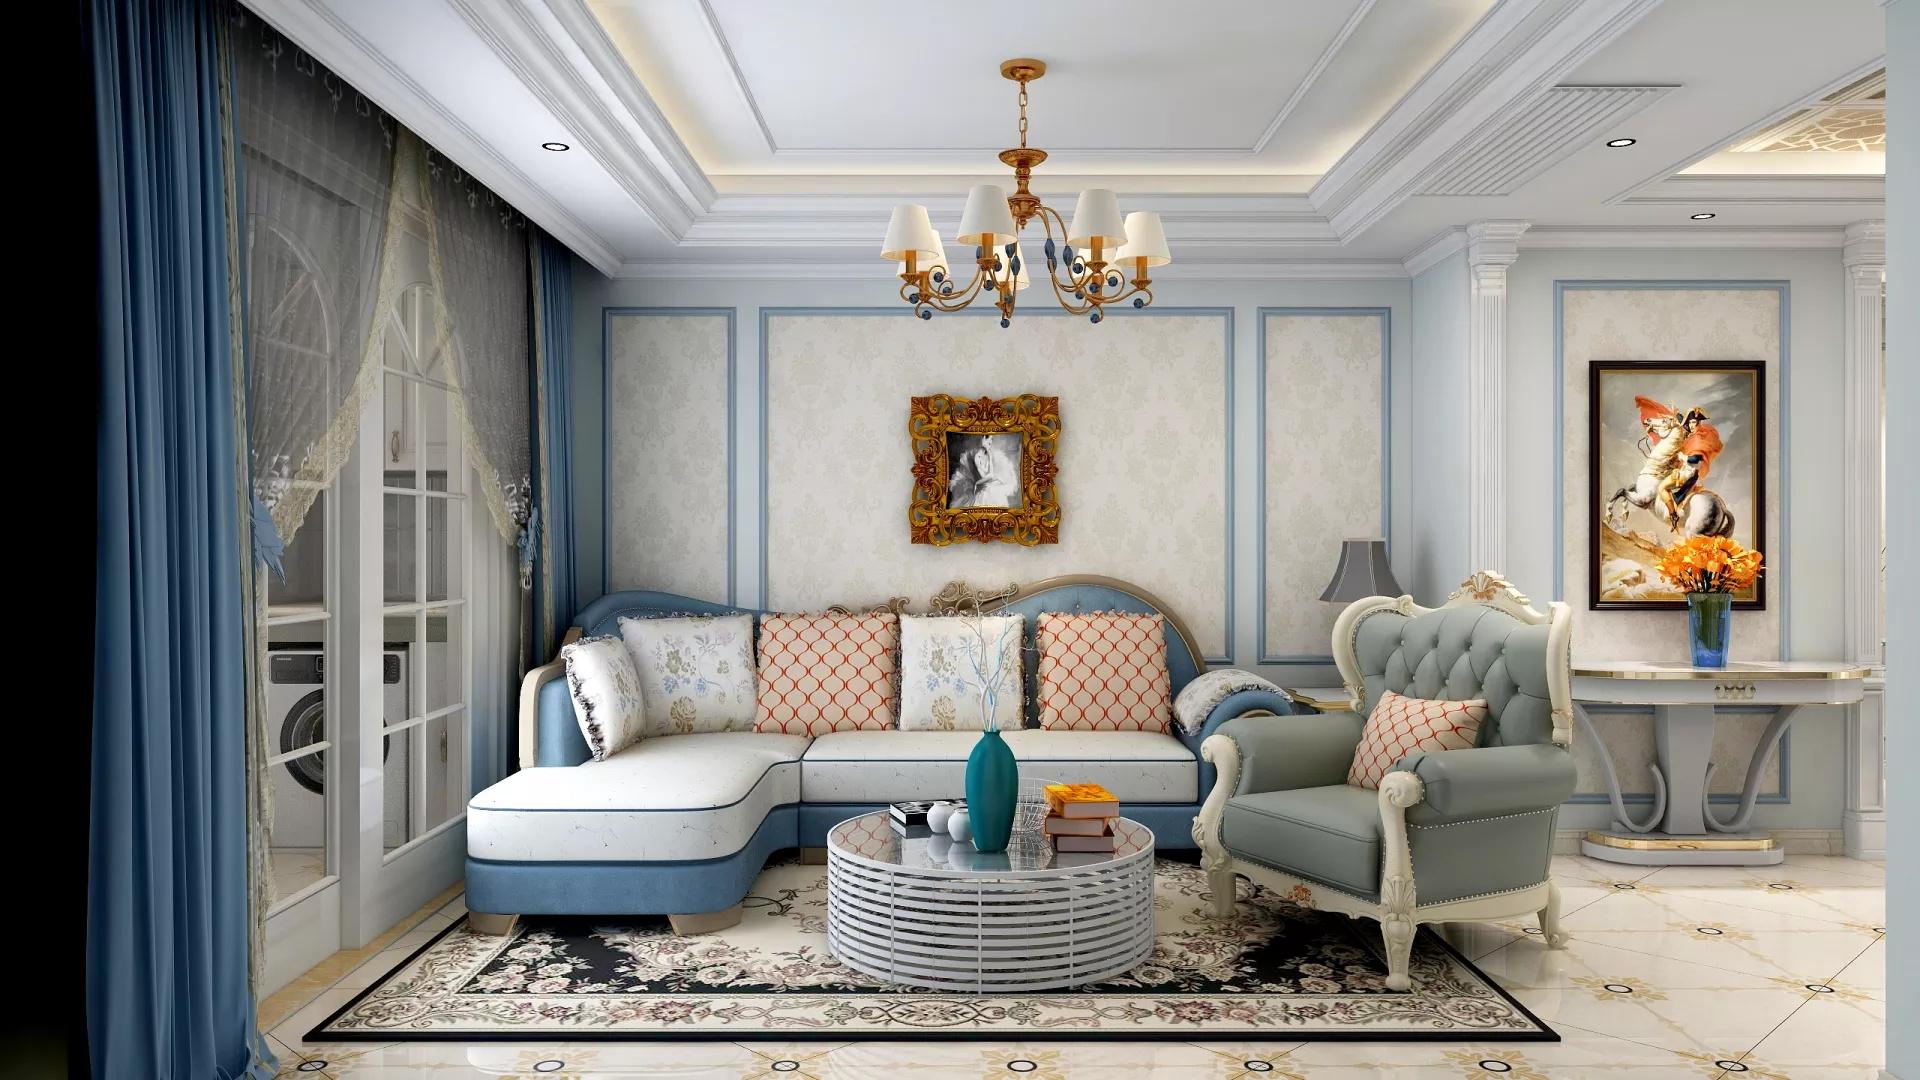 简约风格装修如何搭配窗帘?